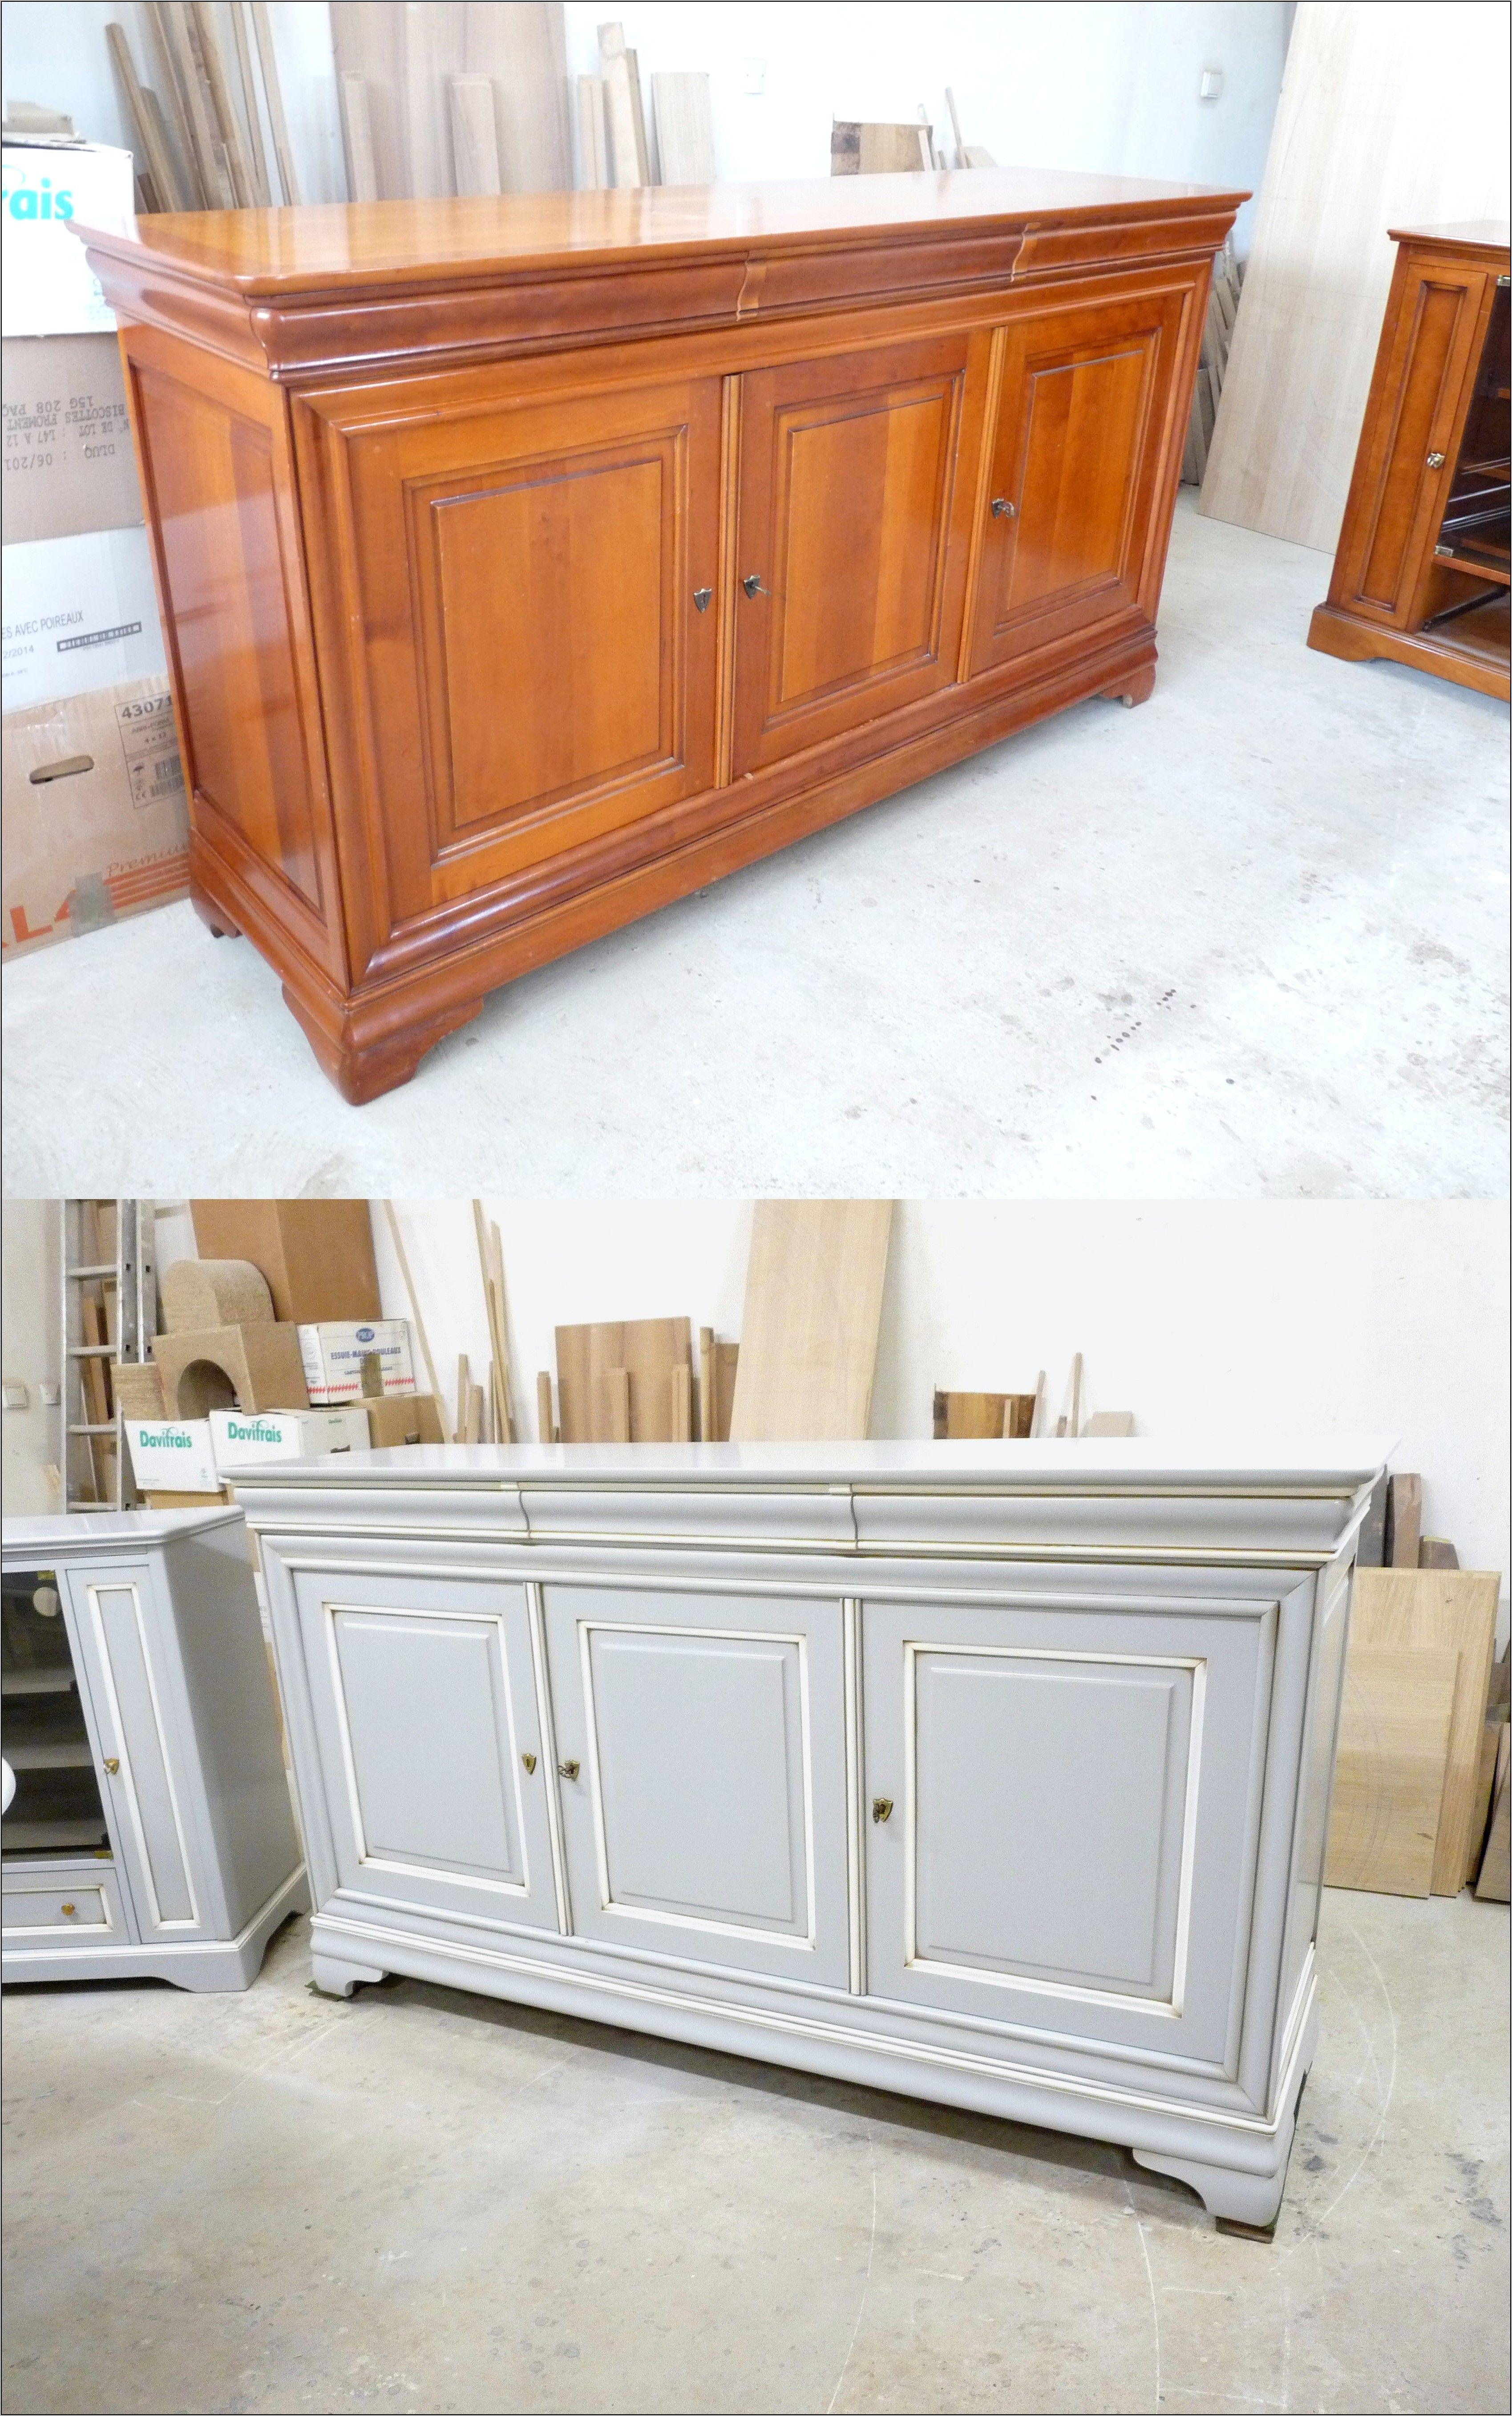 deco chambre avec meuble merisier relooker meuble mobilier de salon relooking de mobilier